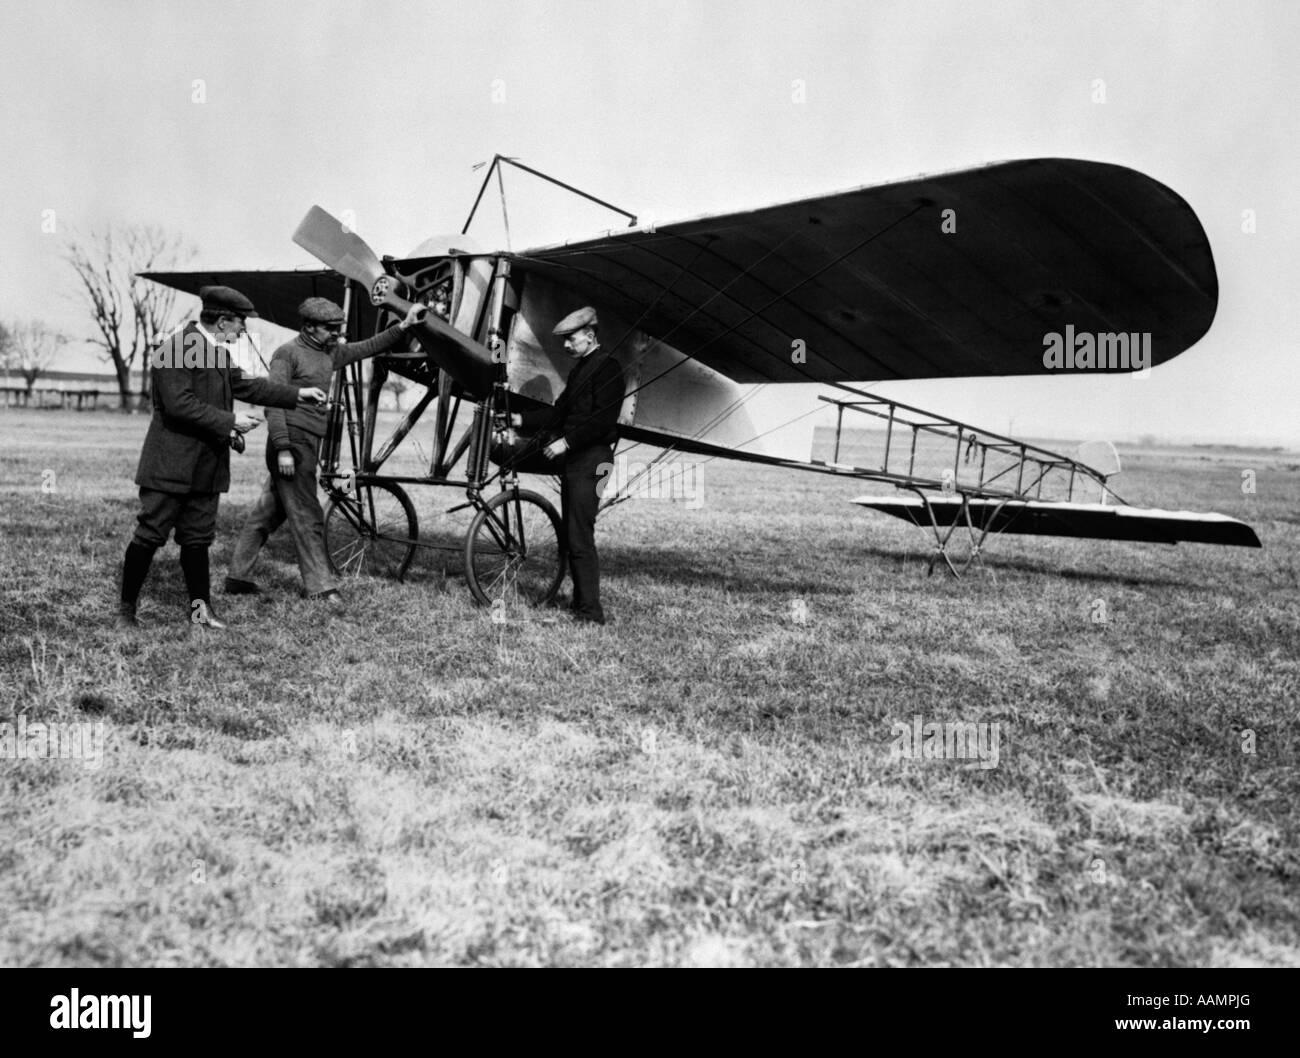 1910 GROUPE DE TROIS HOMMES DEBOUT DEVANT UN MONOPLAN PRÉCOCE AVEC MAIN SUR PROPELLER Banque D'Images